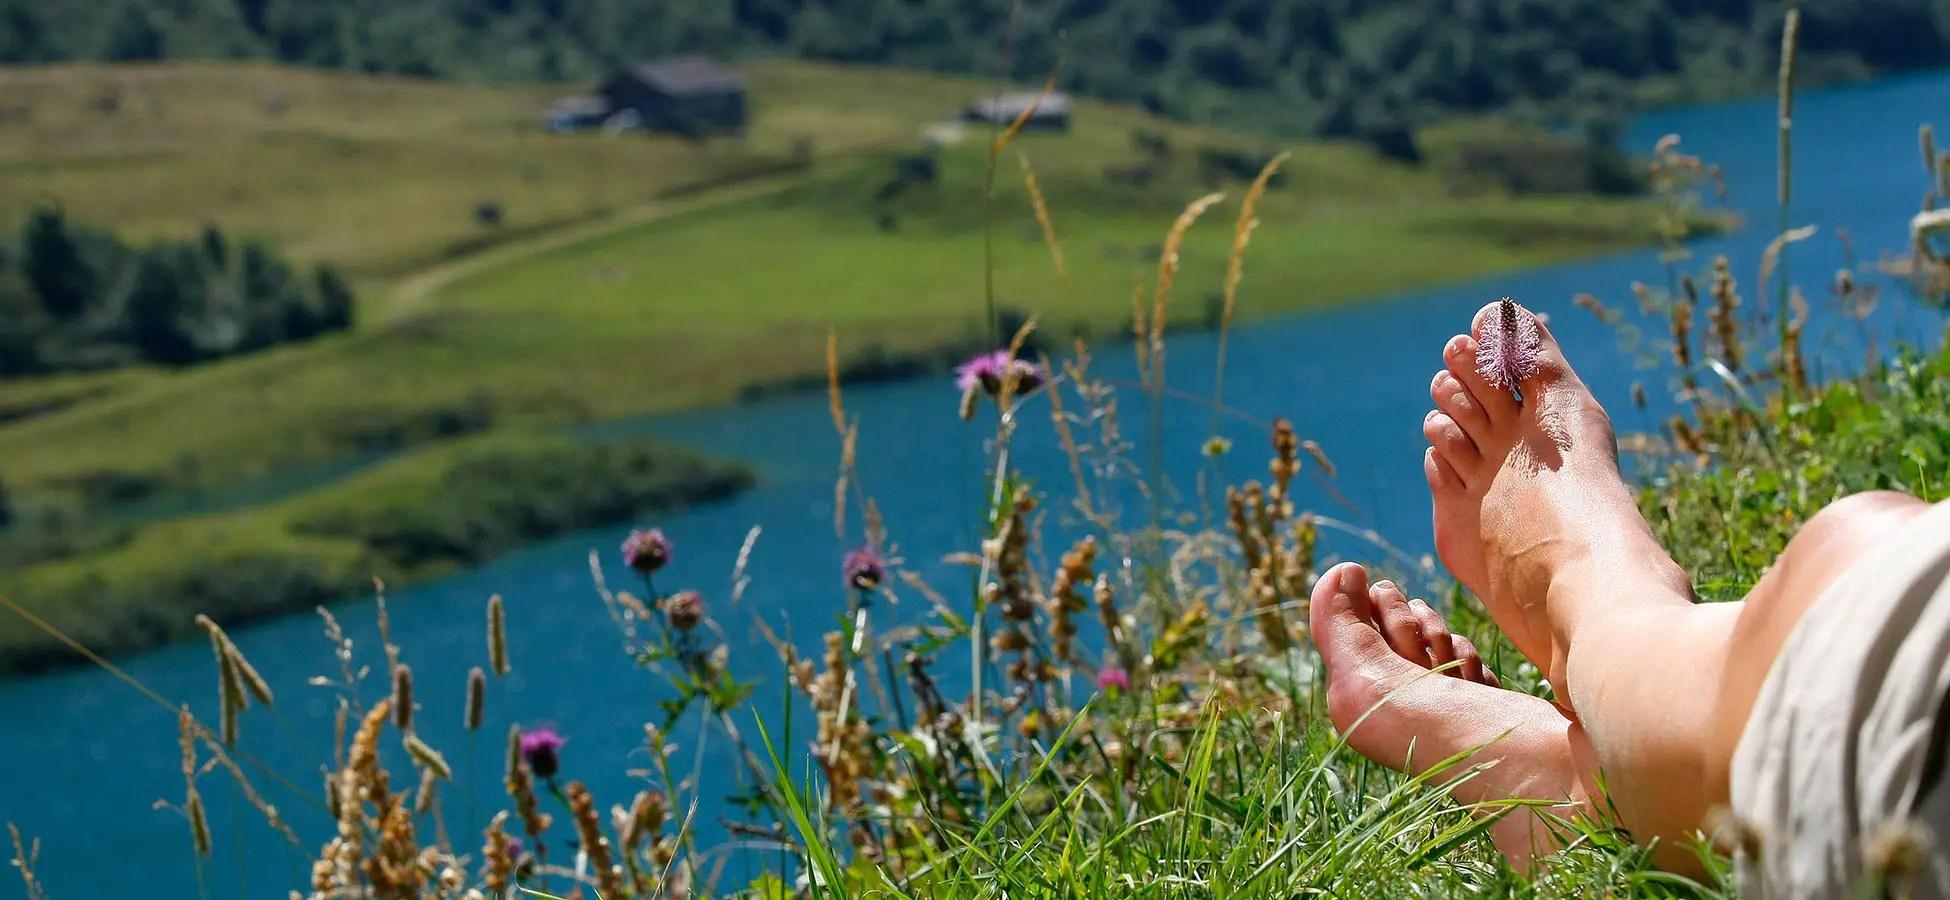 Bandeau Agence Photo : reportage photographique illustration détente en montagne